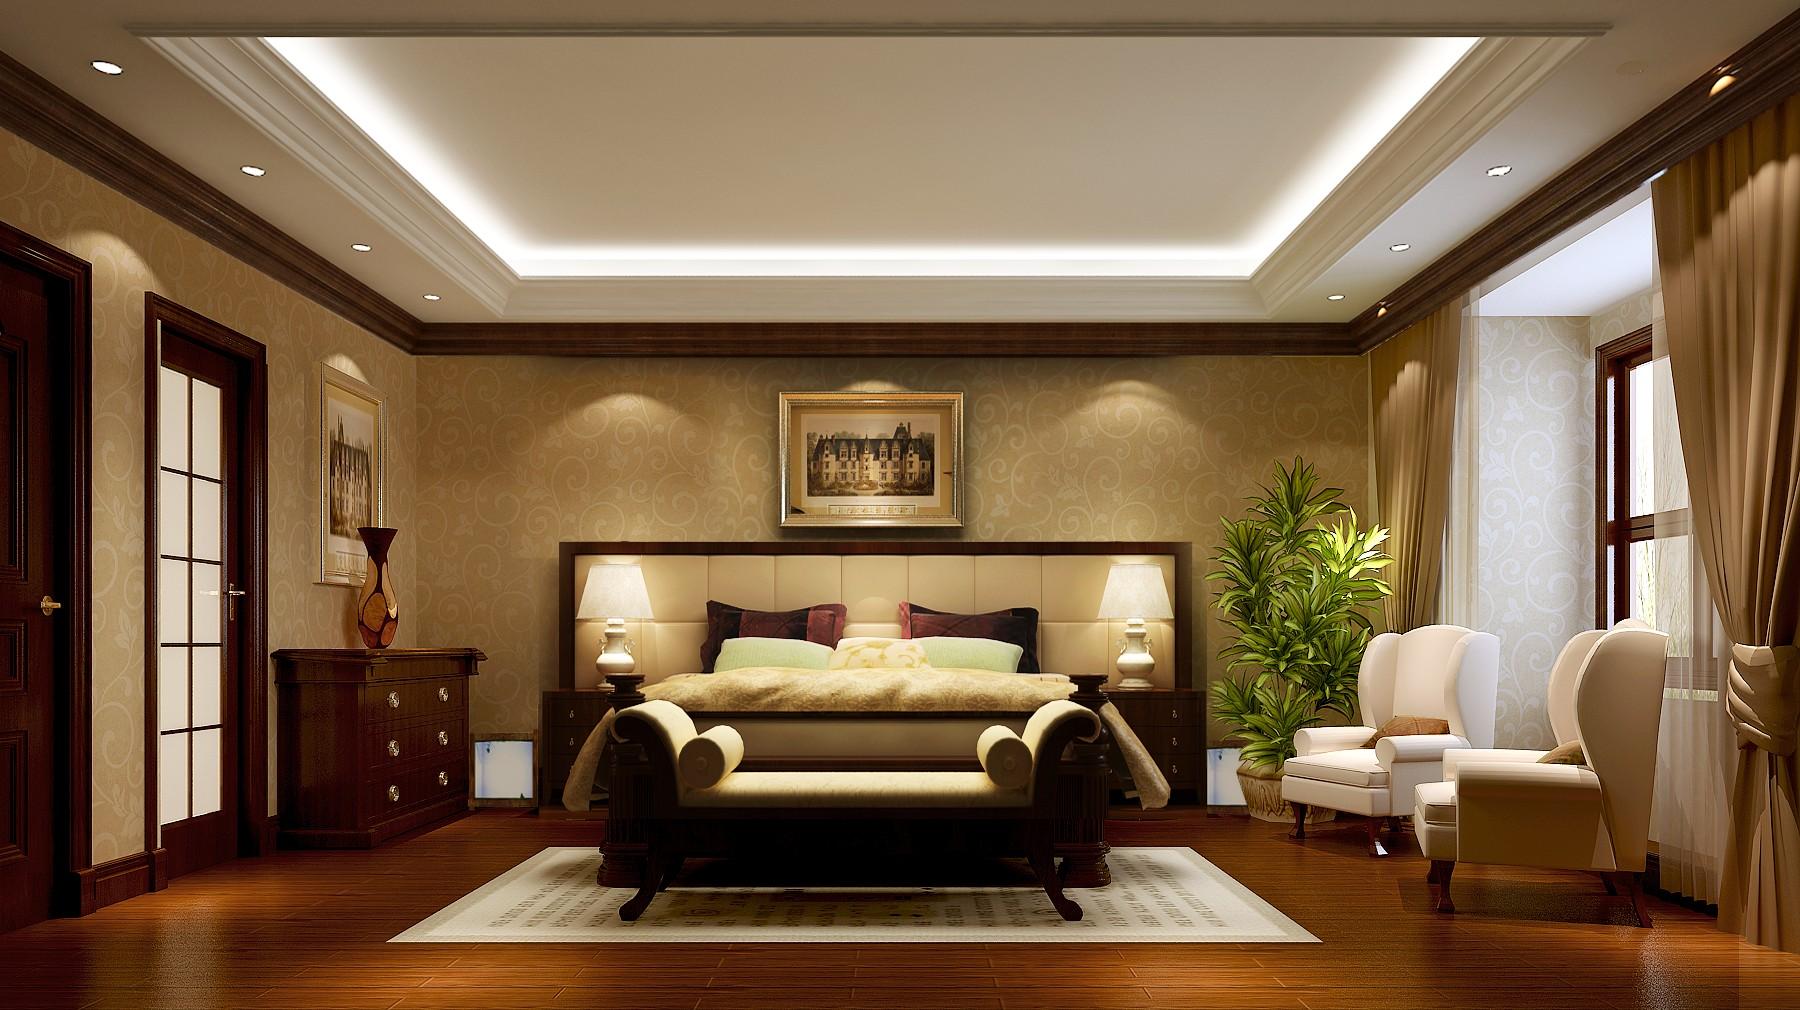 托斯卡纳 二居 平层 80后 小资 卧室图片来自黑白昼夜循环丶在领袖慧谷150平托斯卡纳风格案例的分享